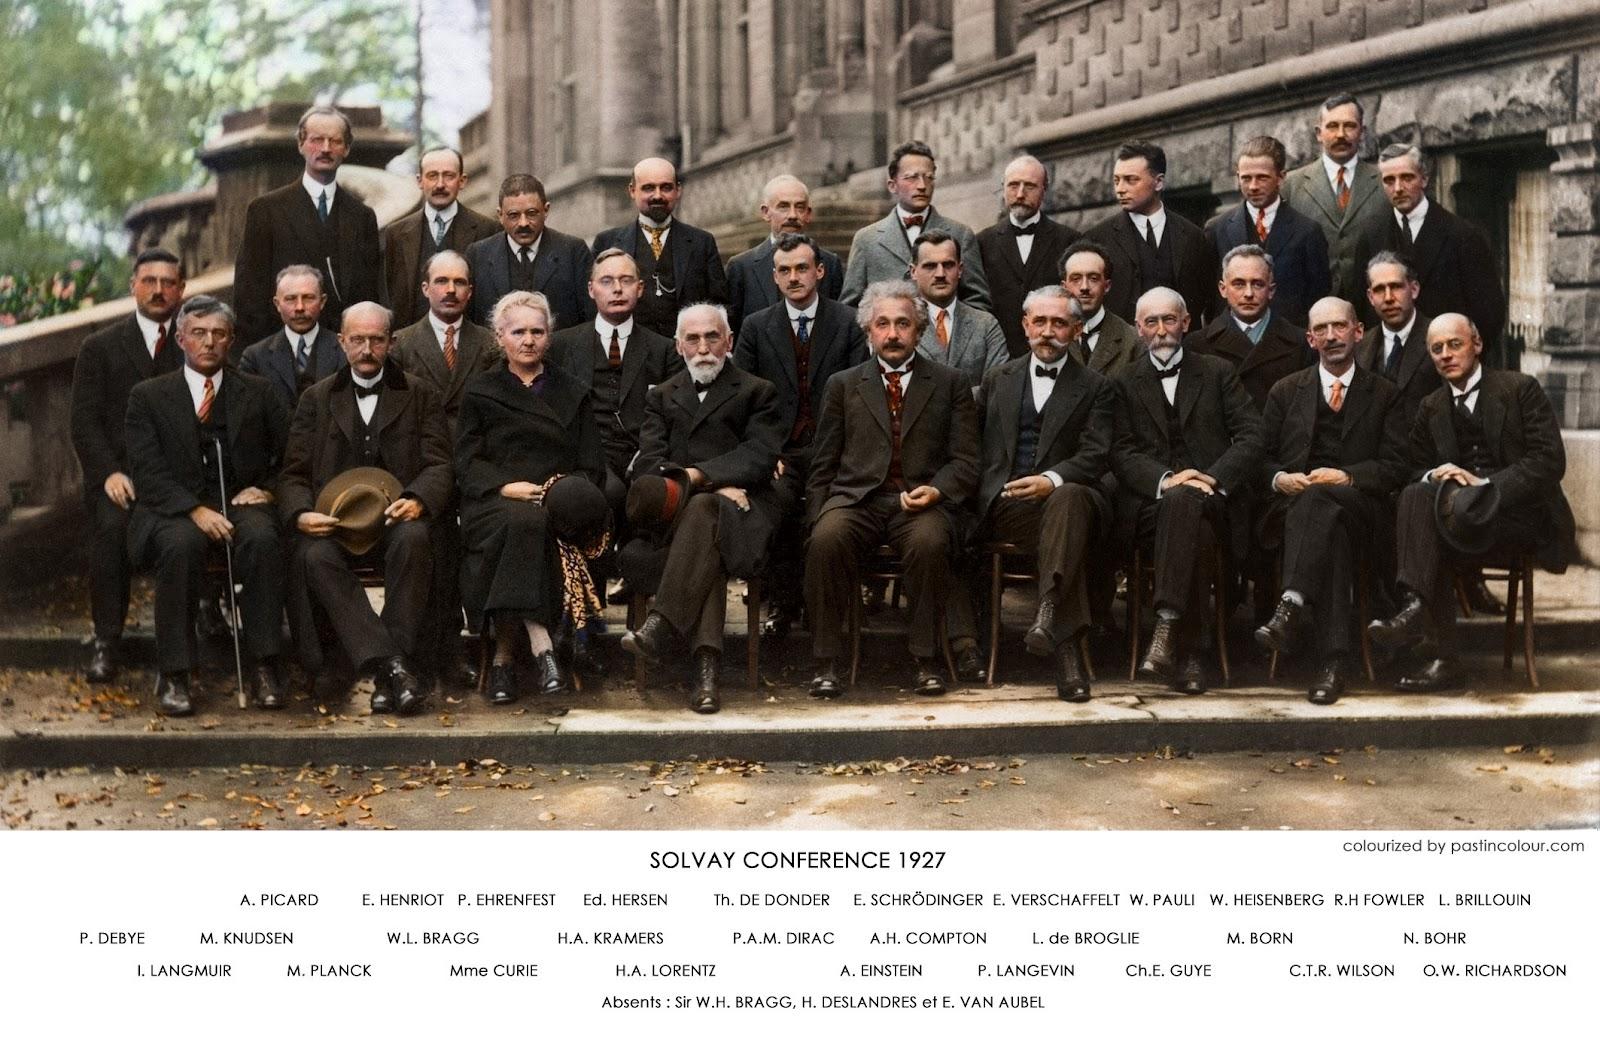 http://3.bp.blogspot.com/-hhmT6y83WNs/UEbBKziTAdI/AAAAAAAADUI/-f1SSmR2aXA/s1600/Solvay_conference_1927___crop.jpg